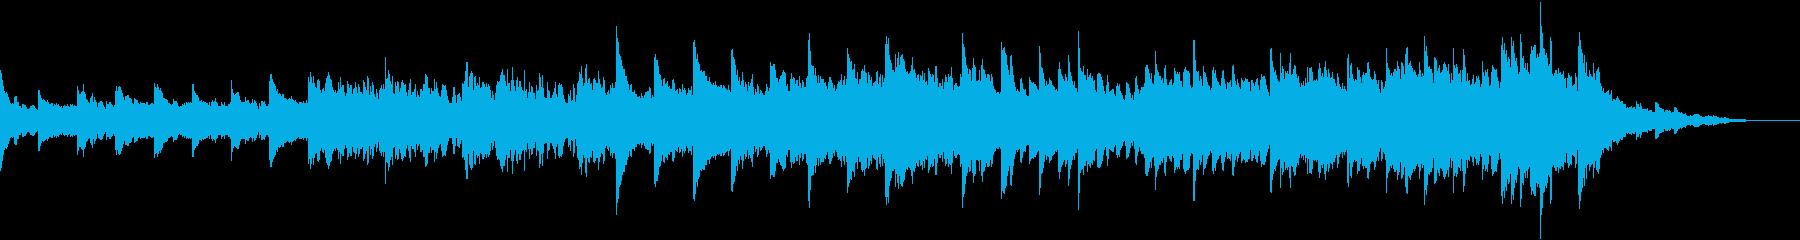 柔らかいシンセが心地良いヒーリング音楽の再生済みの波形